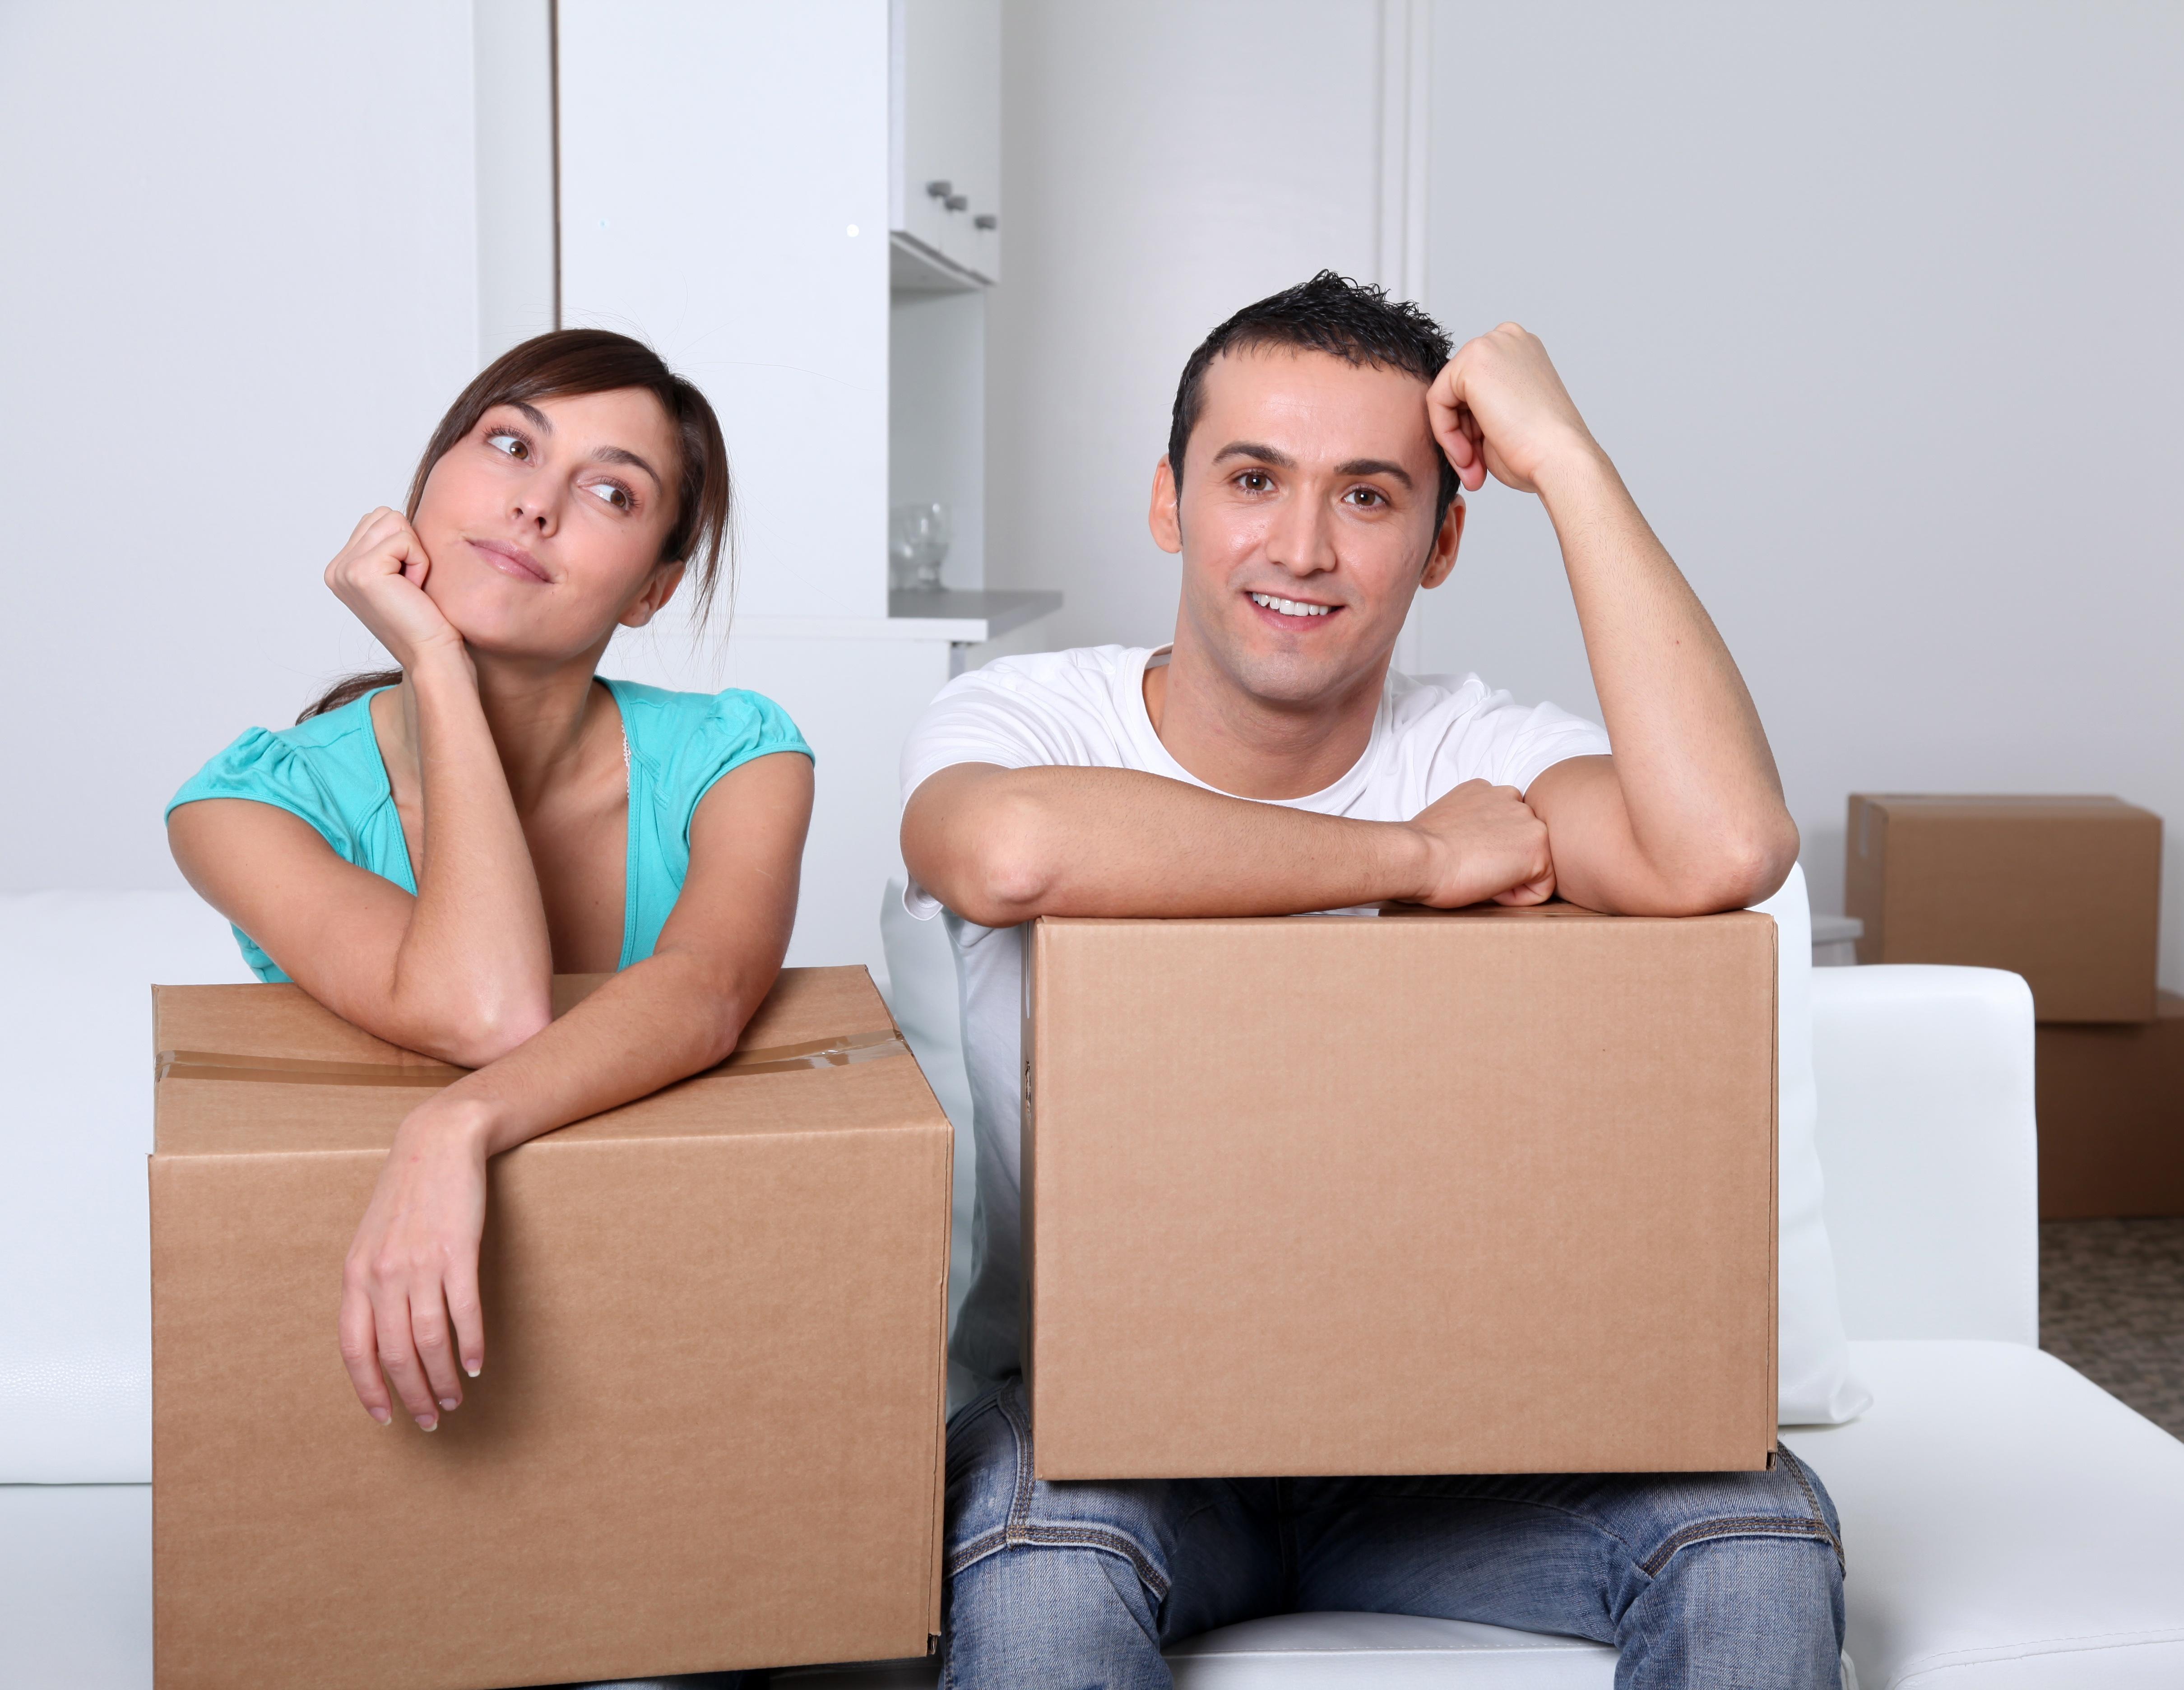 Квартира. Брать в ипотеку или арендовать?